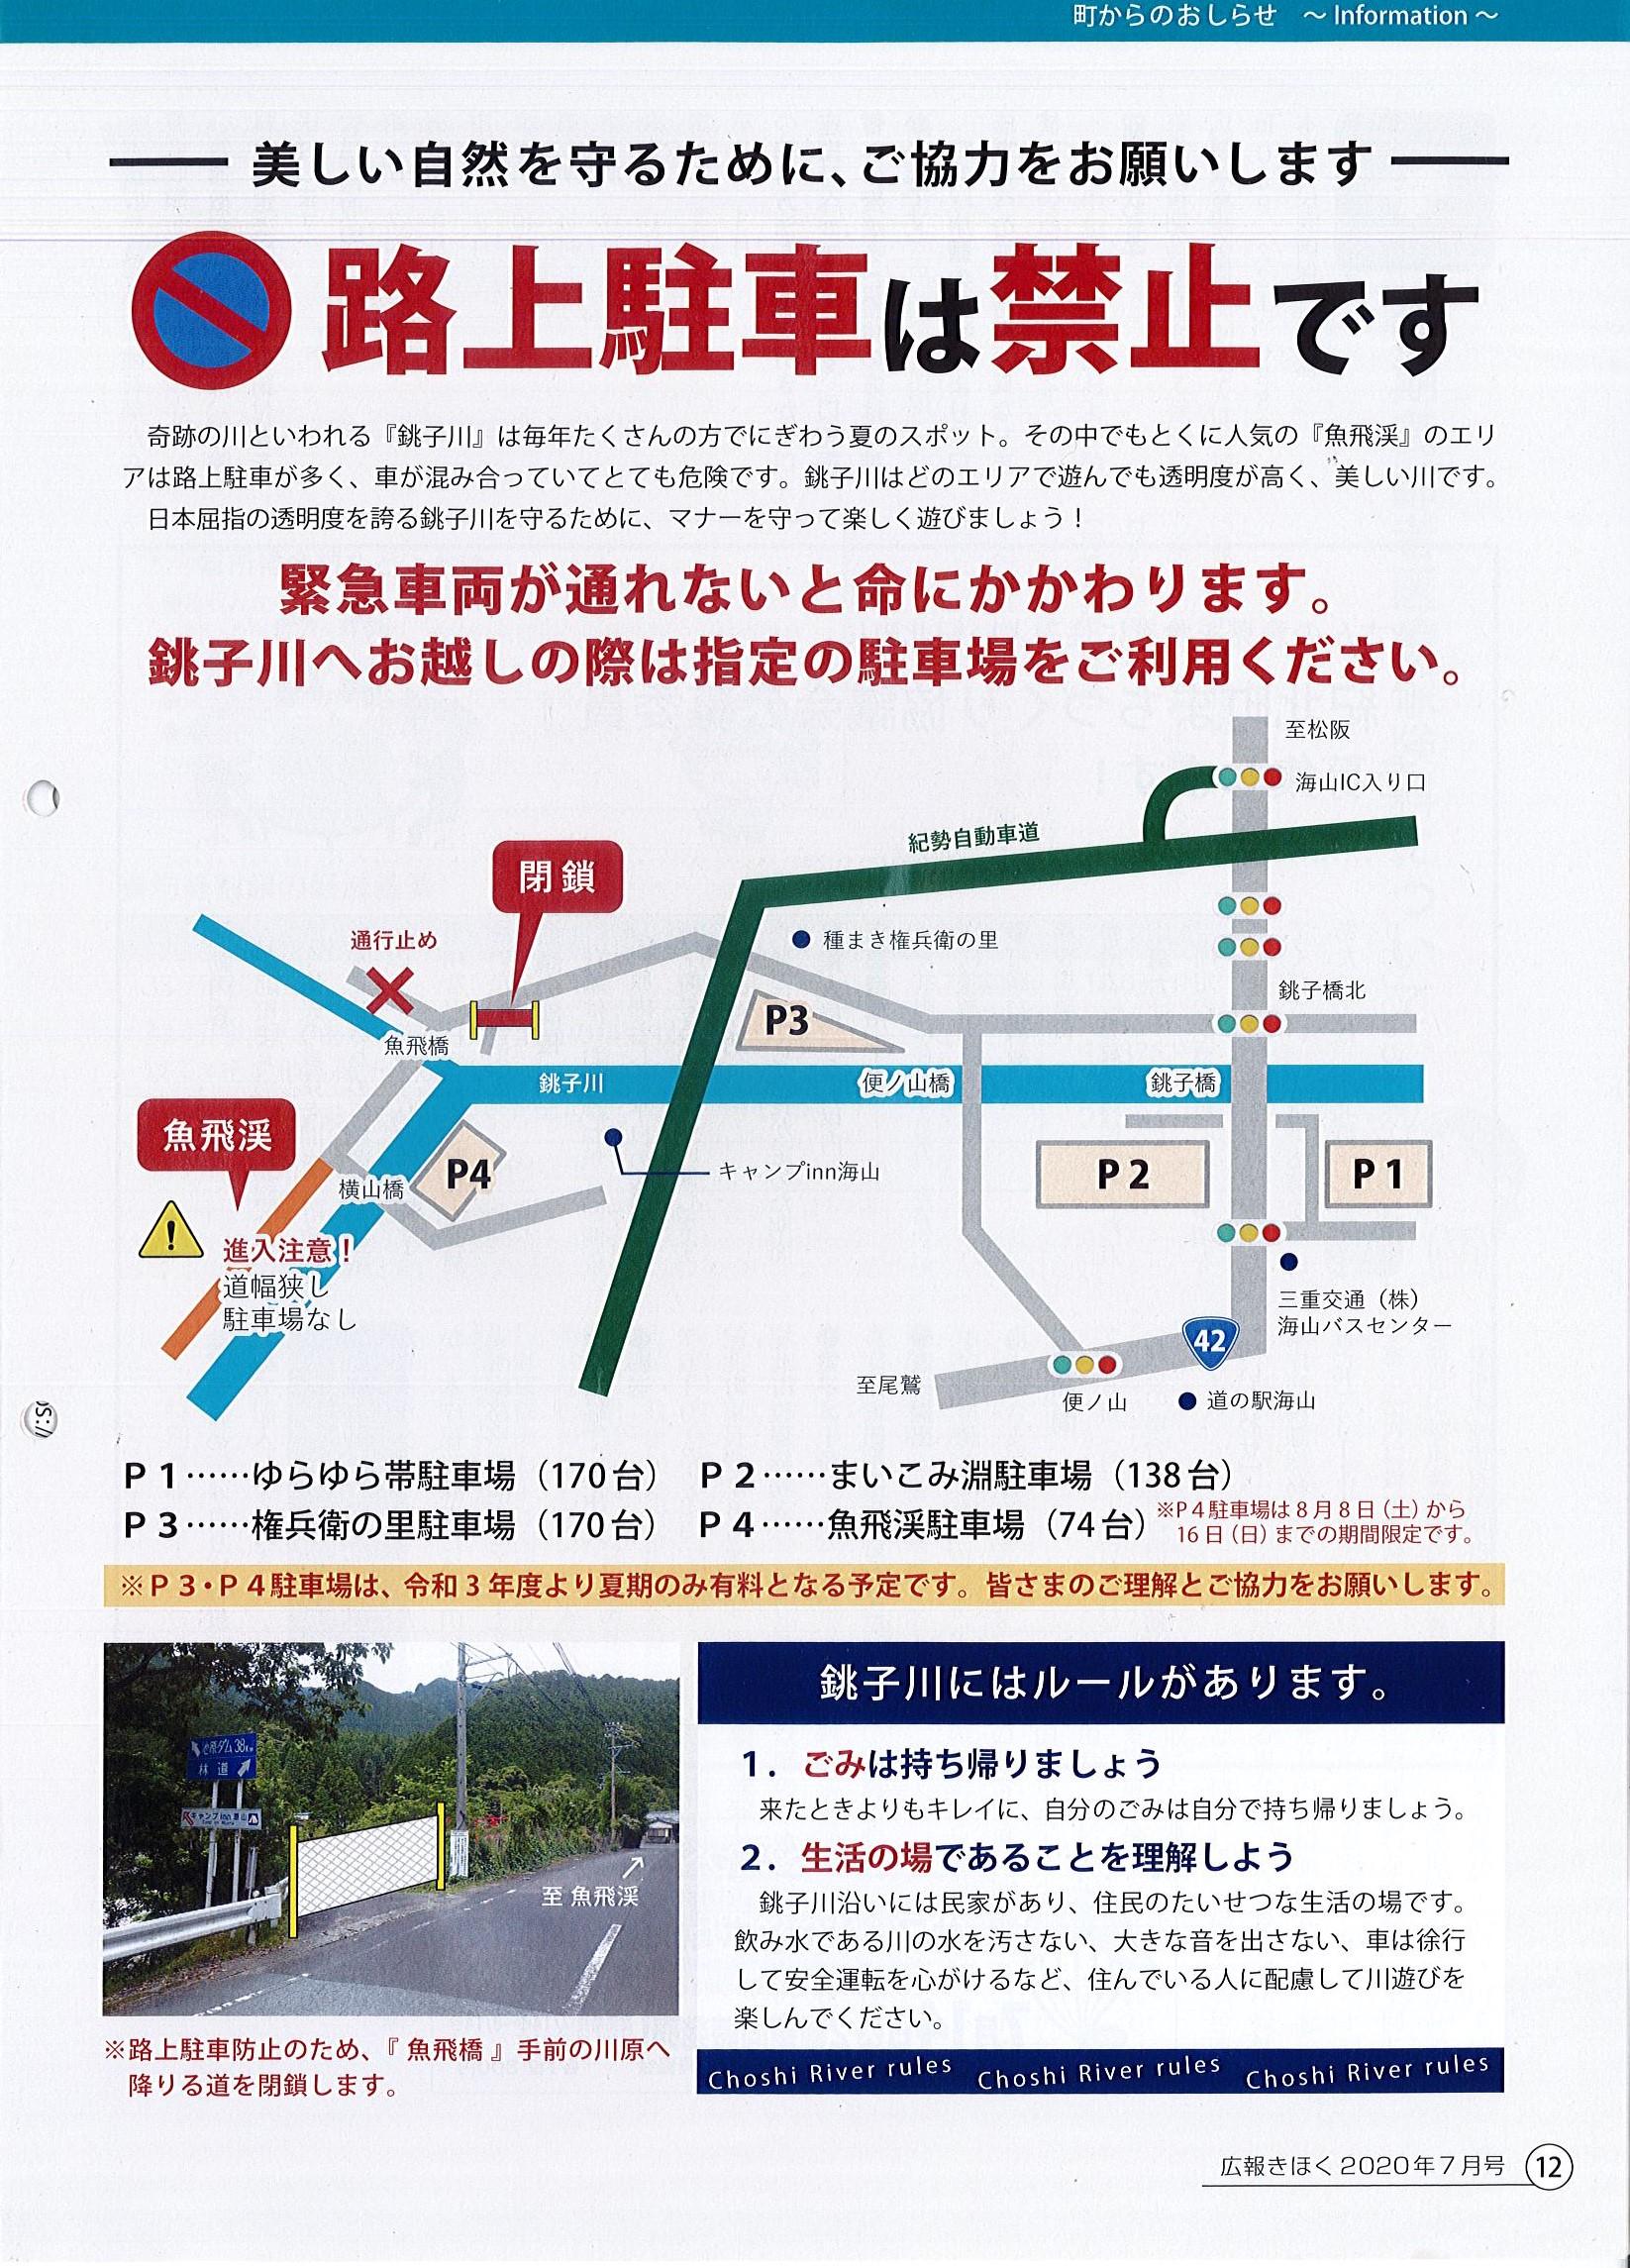 コロナ 銚子 市 ホームページ